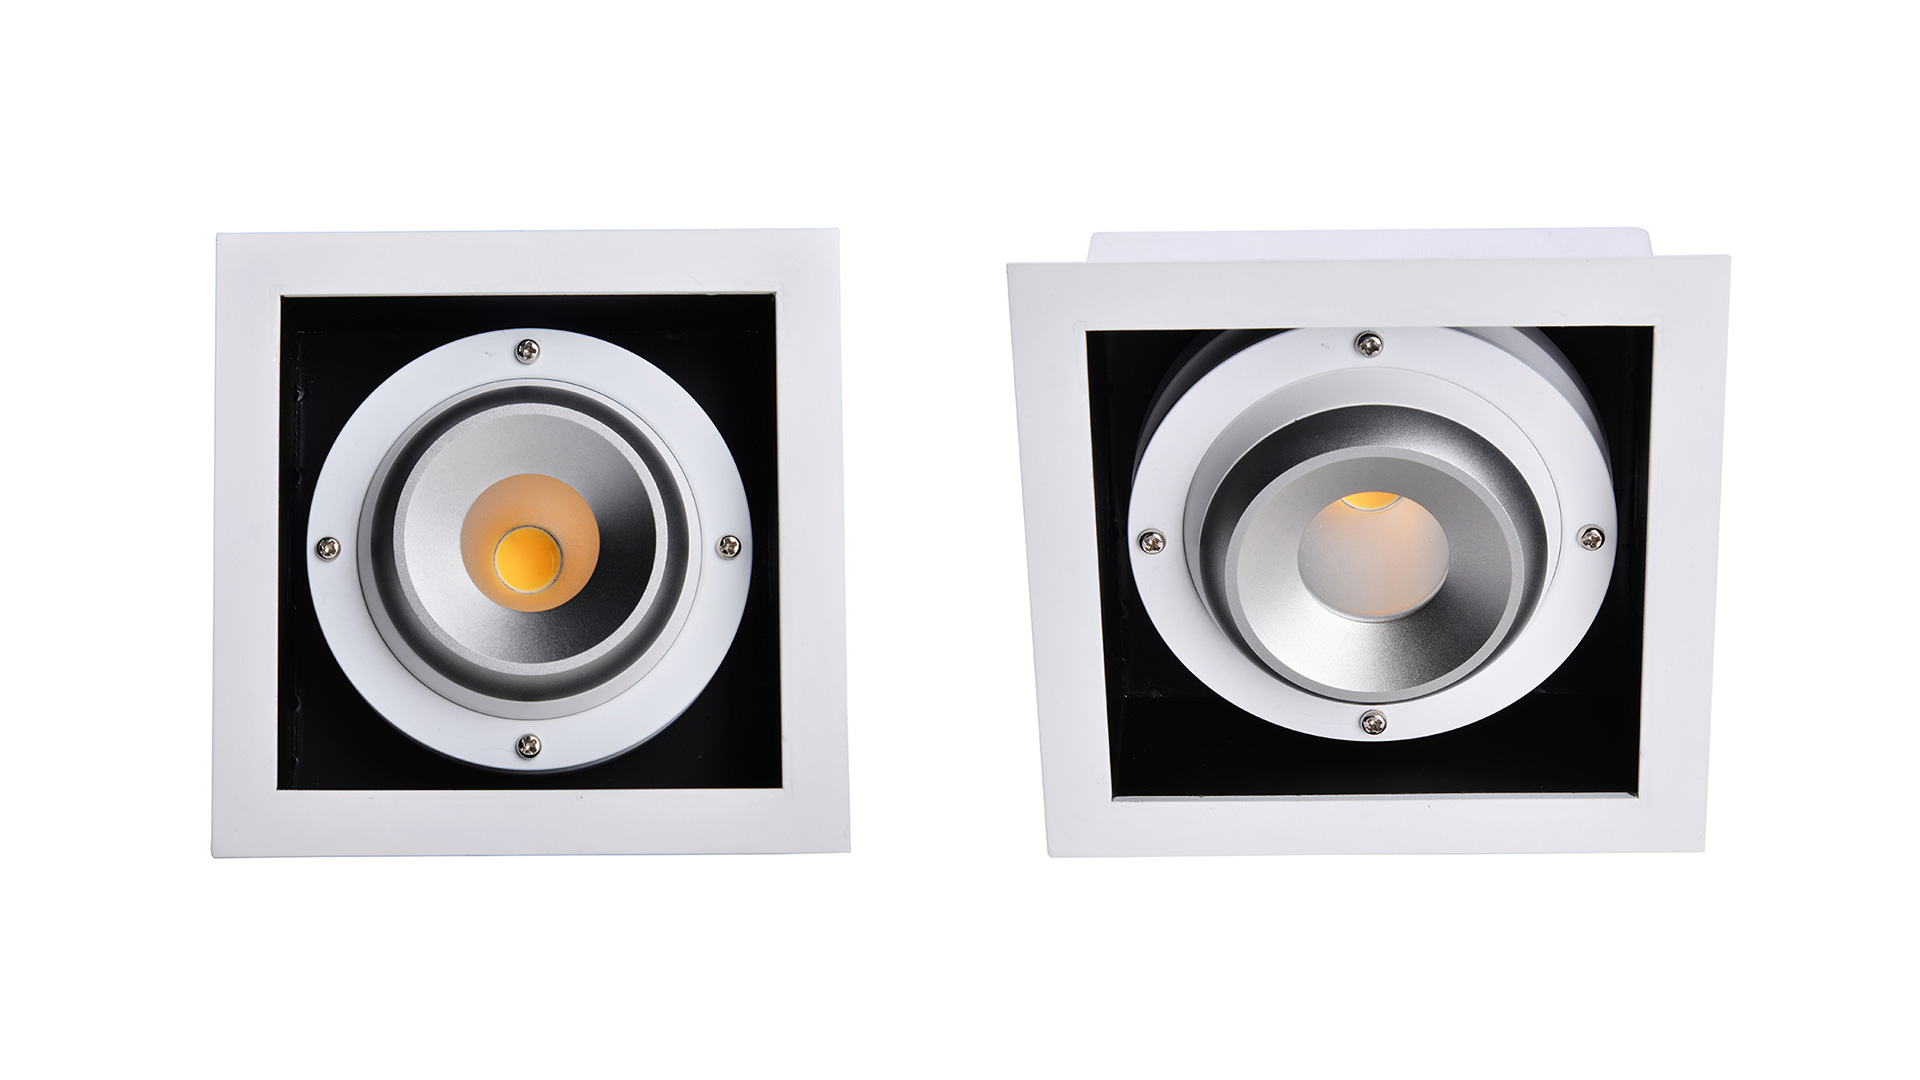 Lampe de seau à double tête intégrée 06001